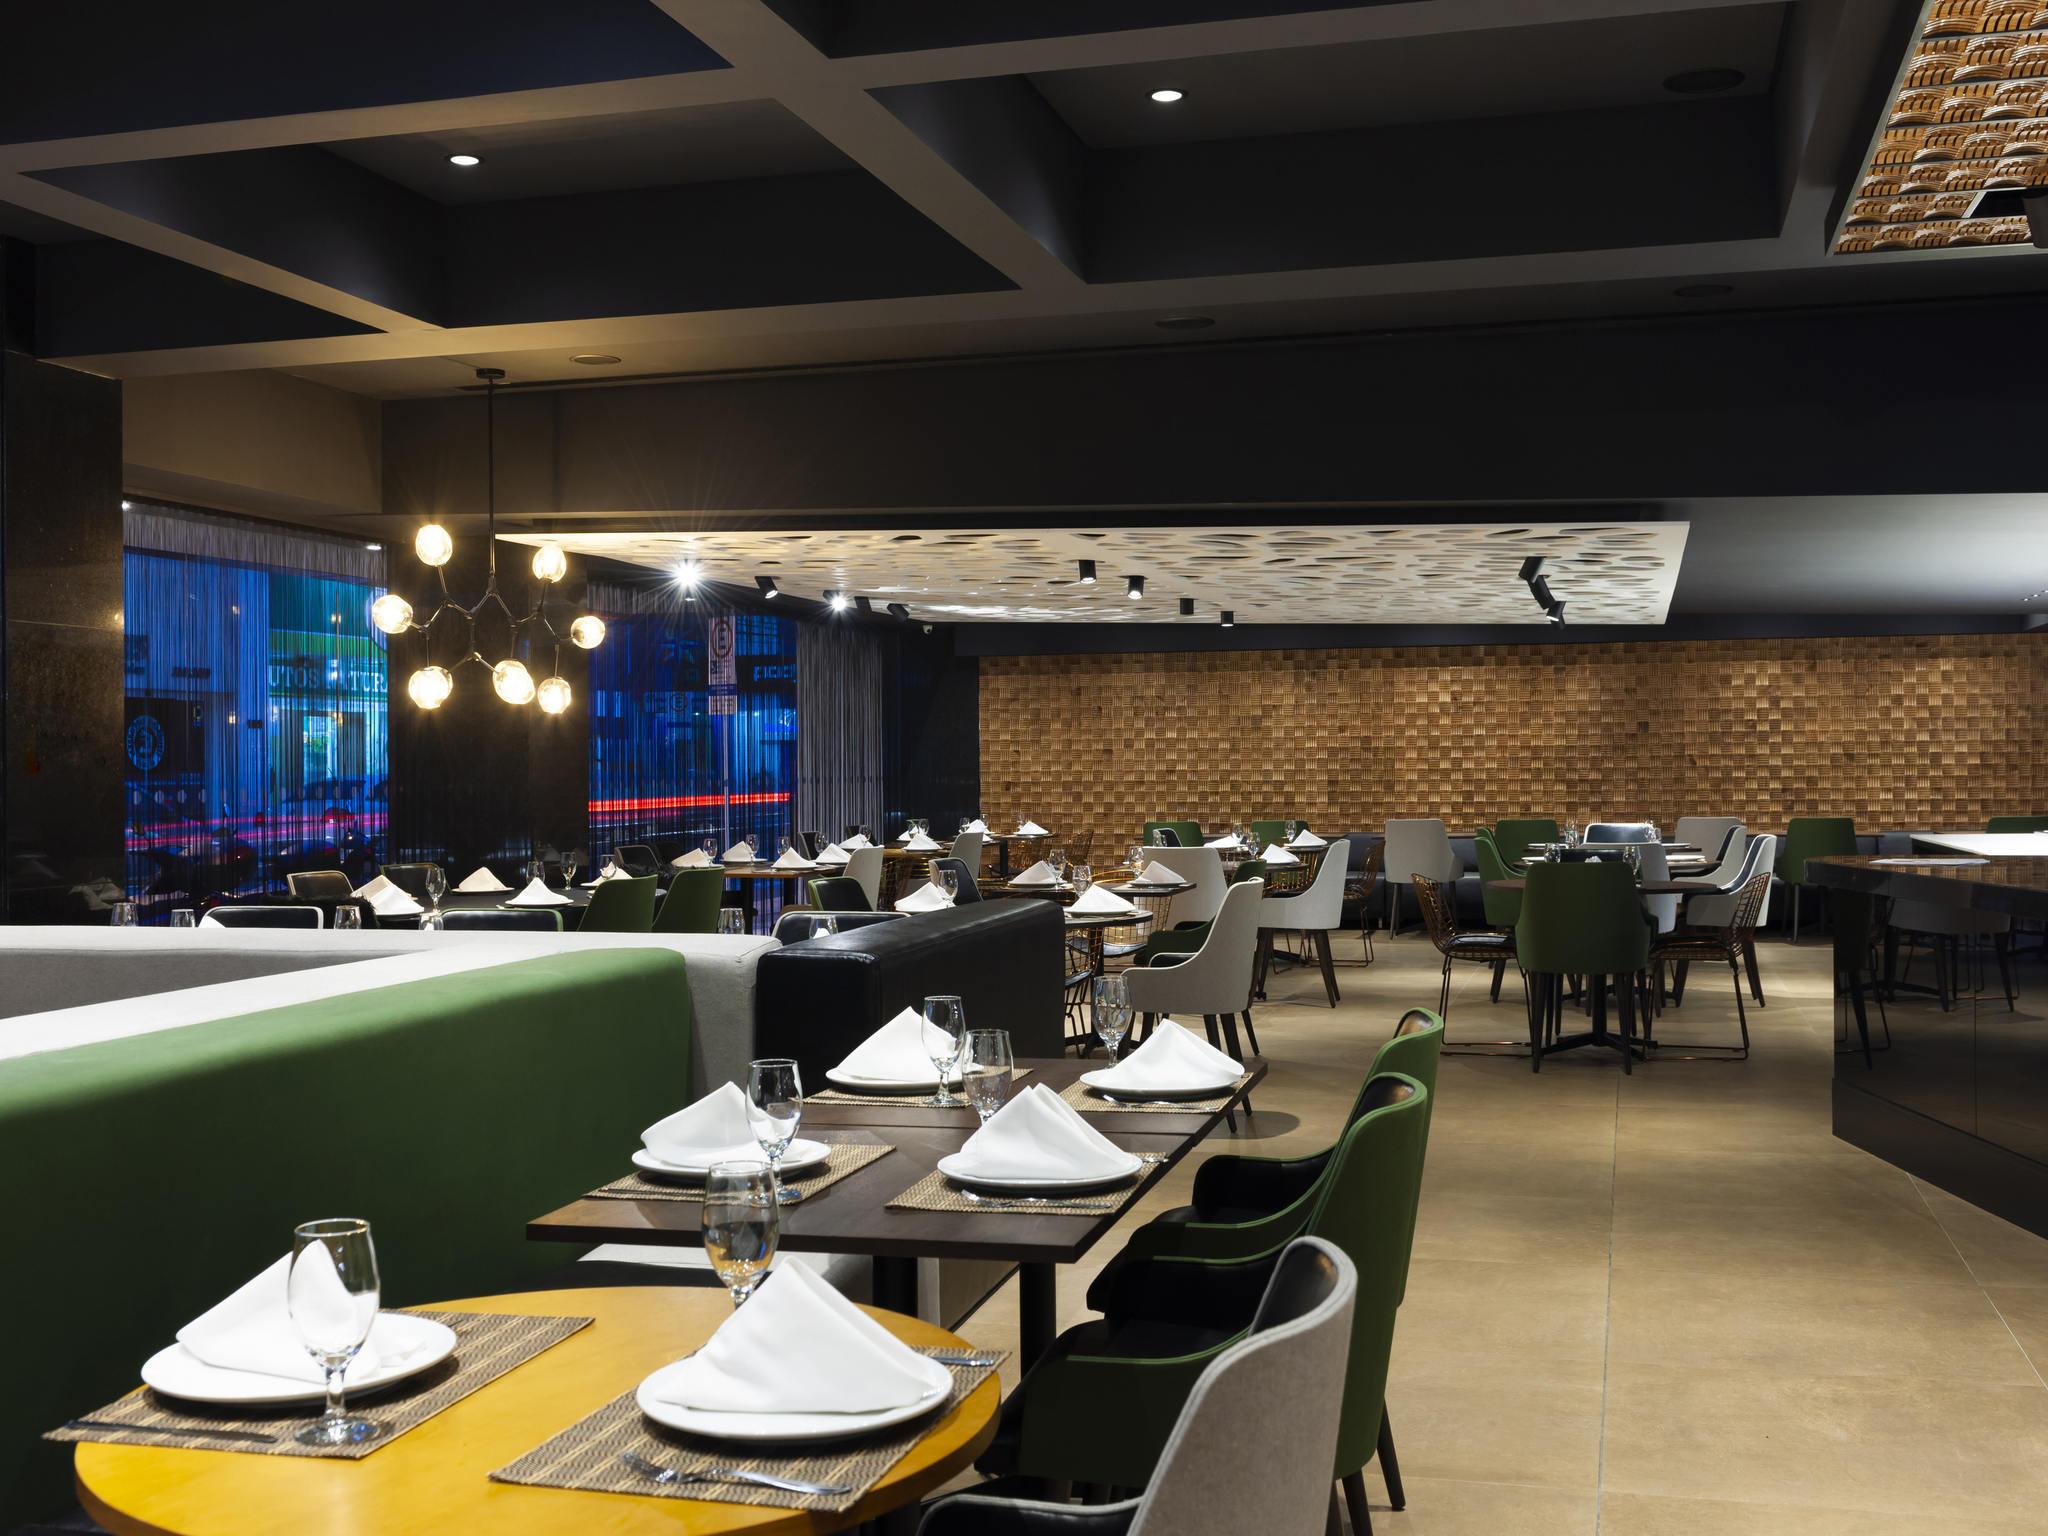 Restaurante - Novotel Itajaí (abre em dezembro de 2017)